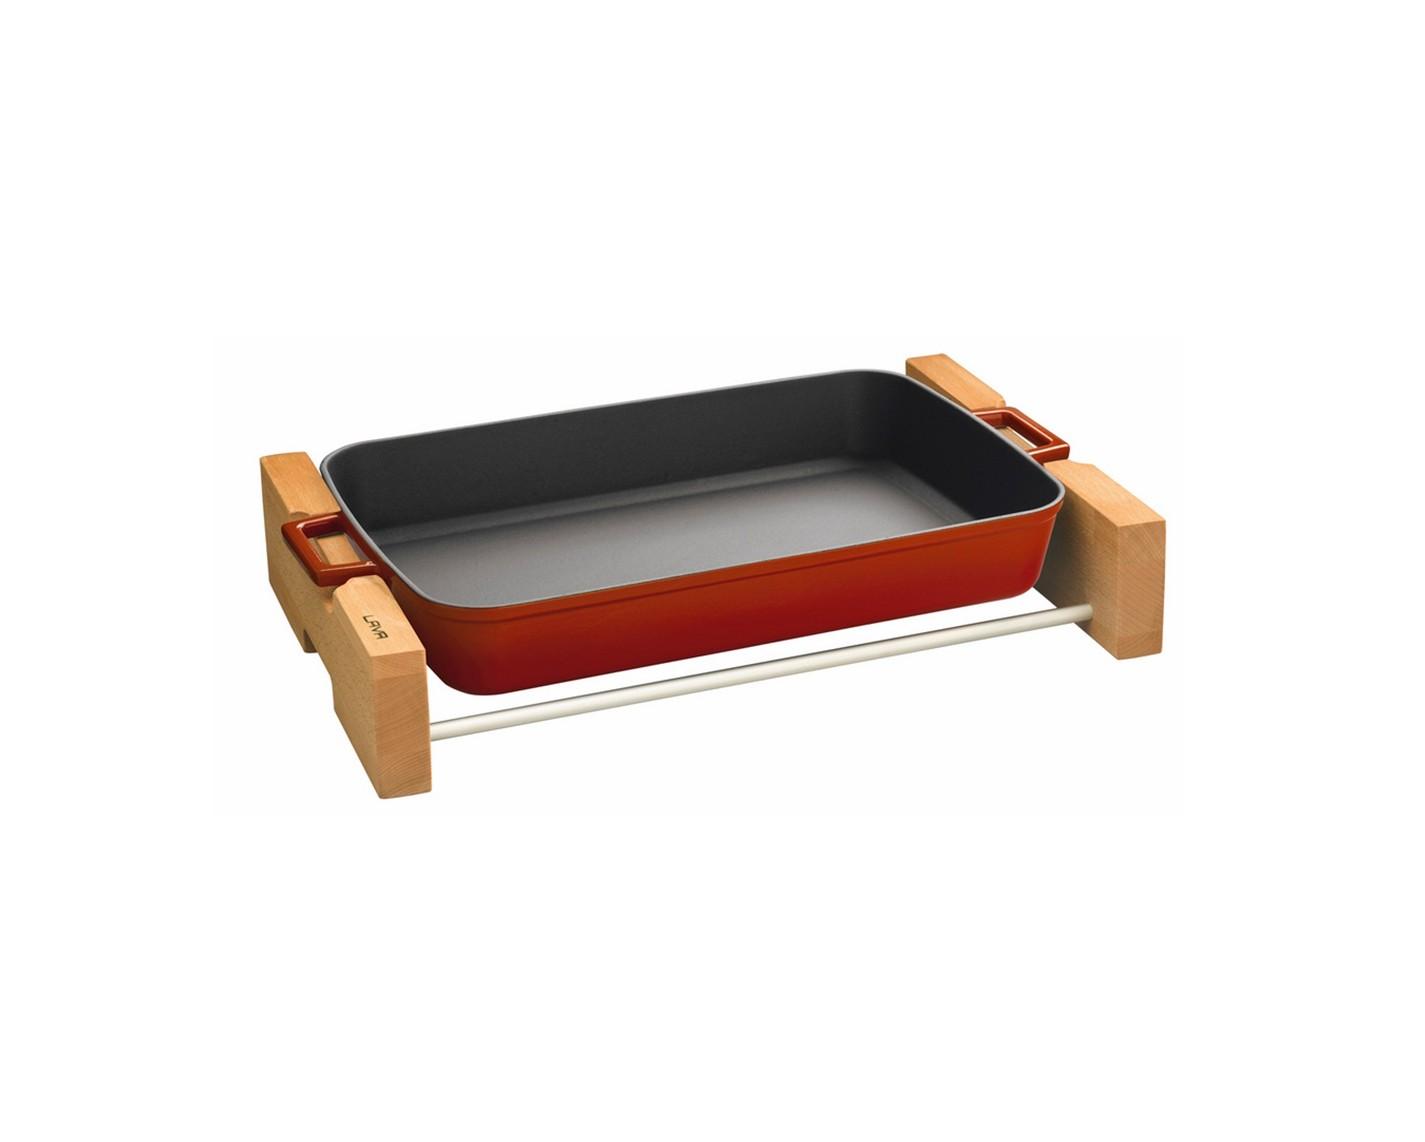 Pekáč obdélníkový litinový 22x30 cm s dřevěným podstavcem, LAVA